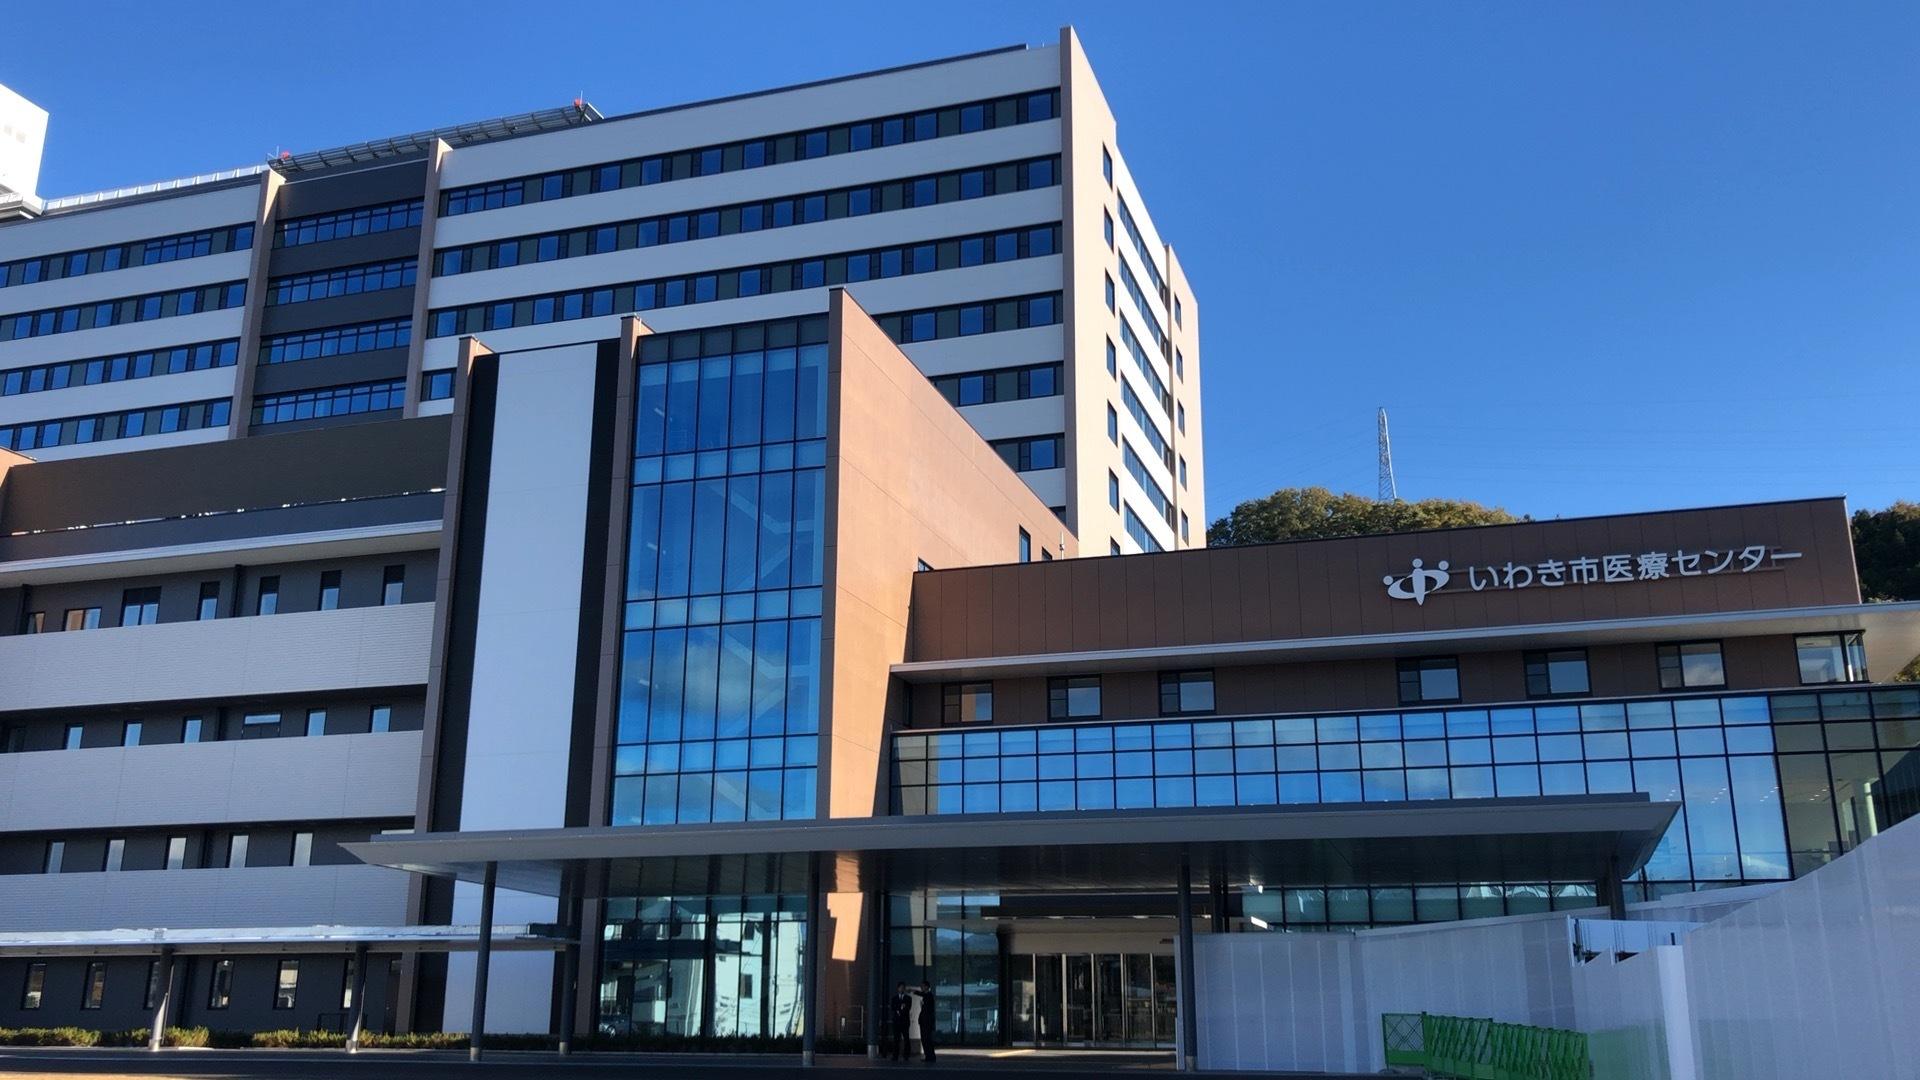 2018.11.23 いわき市医療センター完成記念祝賀会_a0255967_12152058.jpg